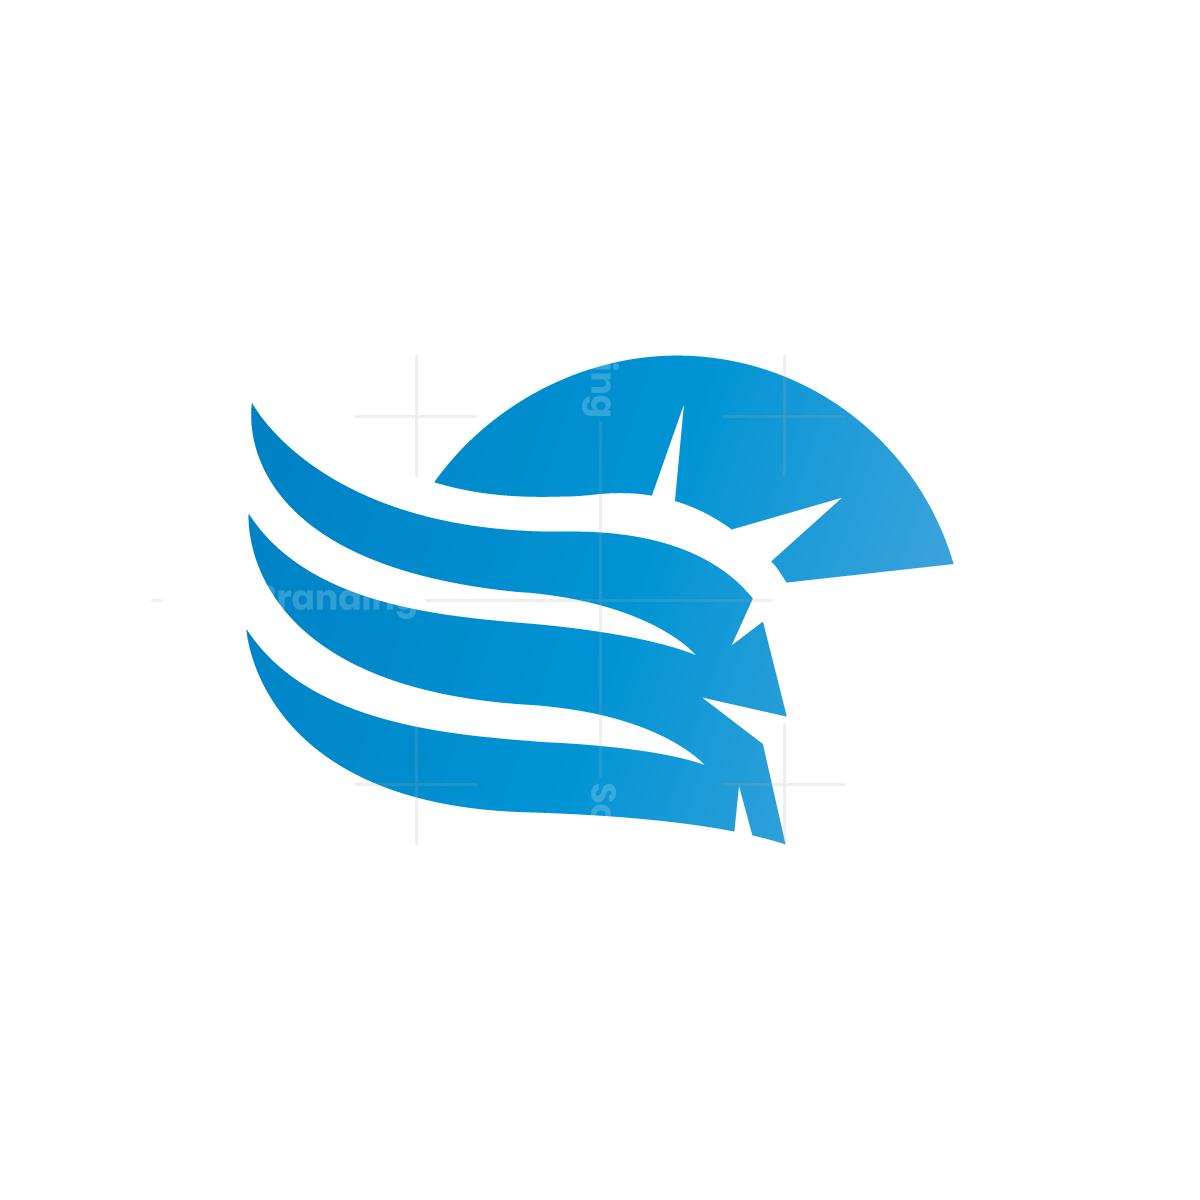 Winged Spartan Helmet Logo